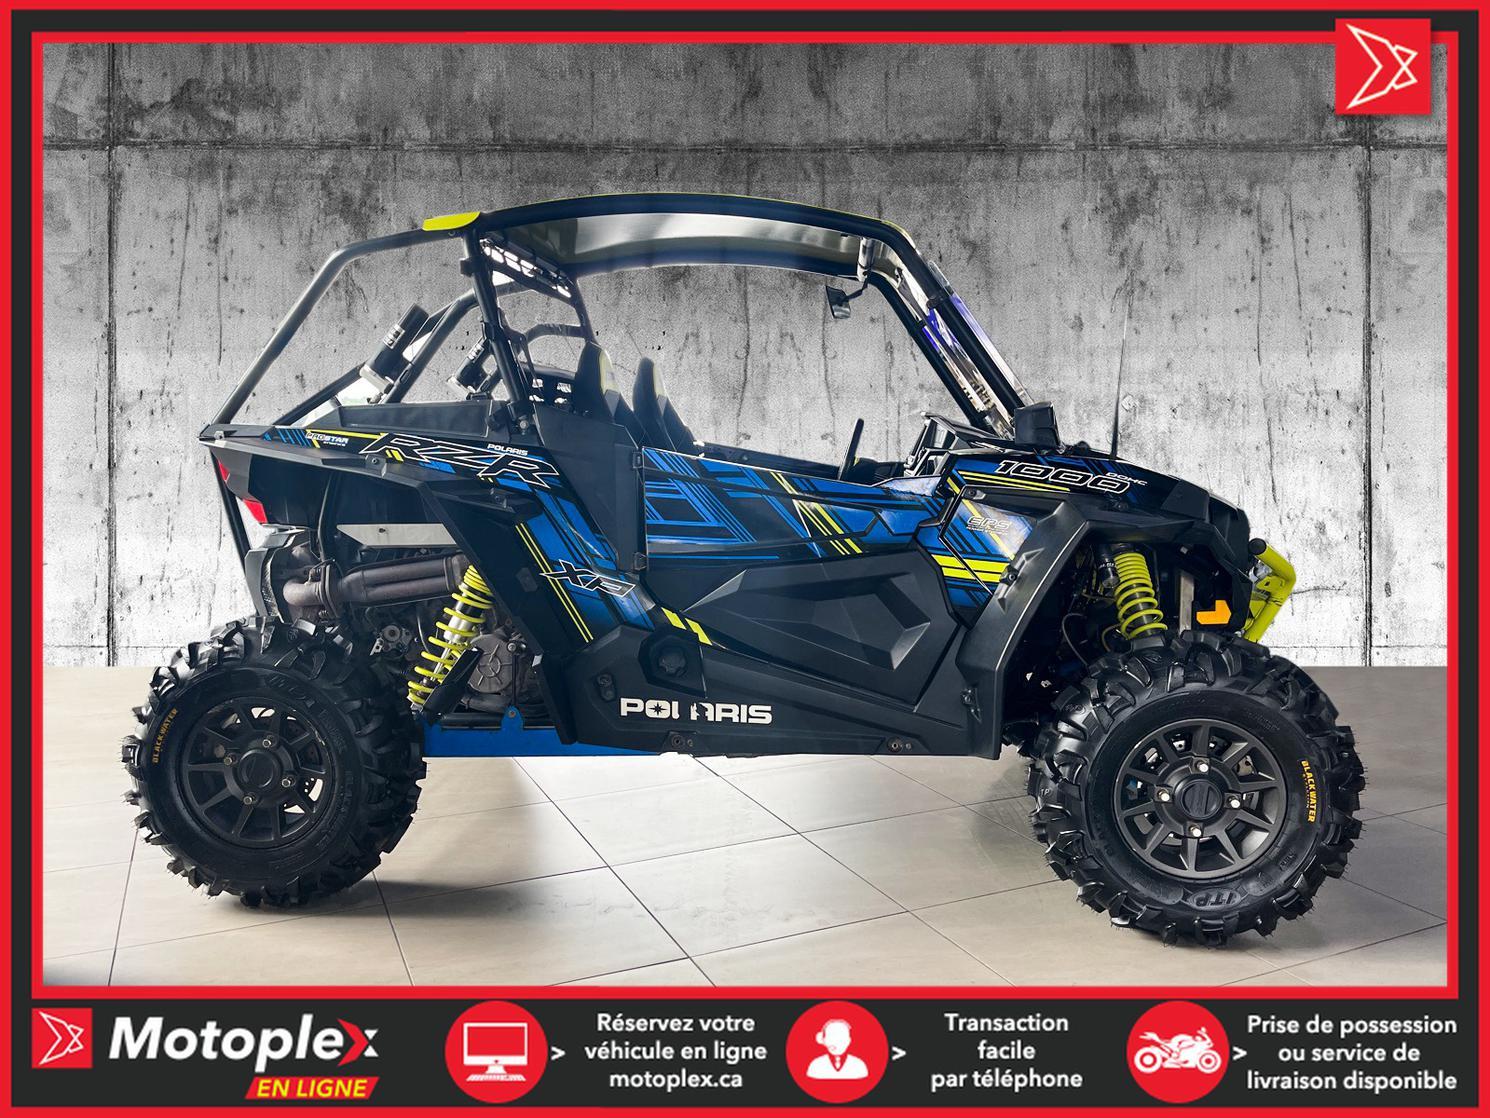 2017 Polaris RZR 1000 XP RIDE COMMAND - 58$/SEMAINE